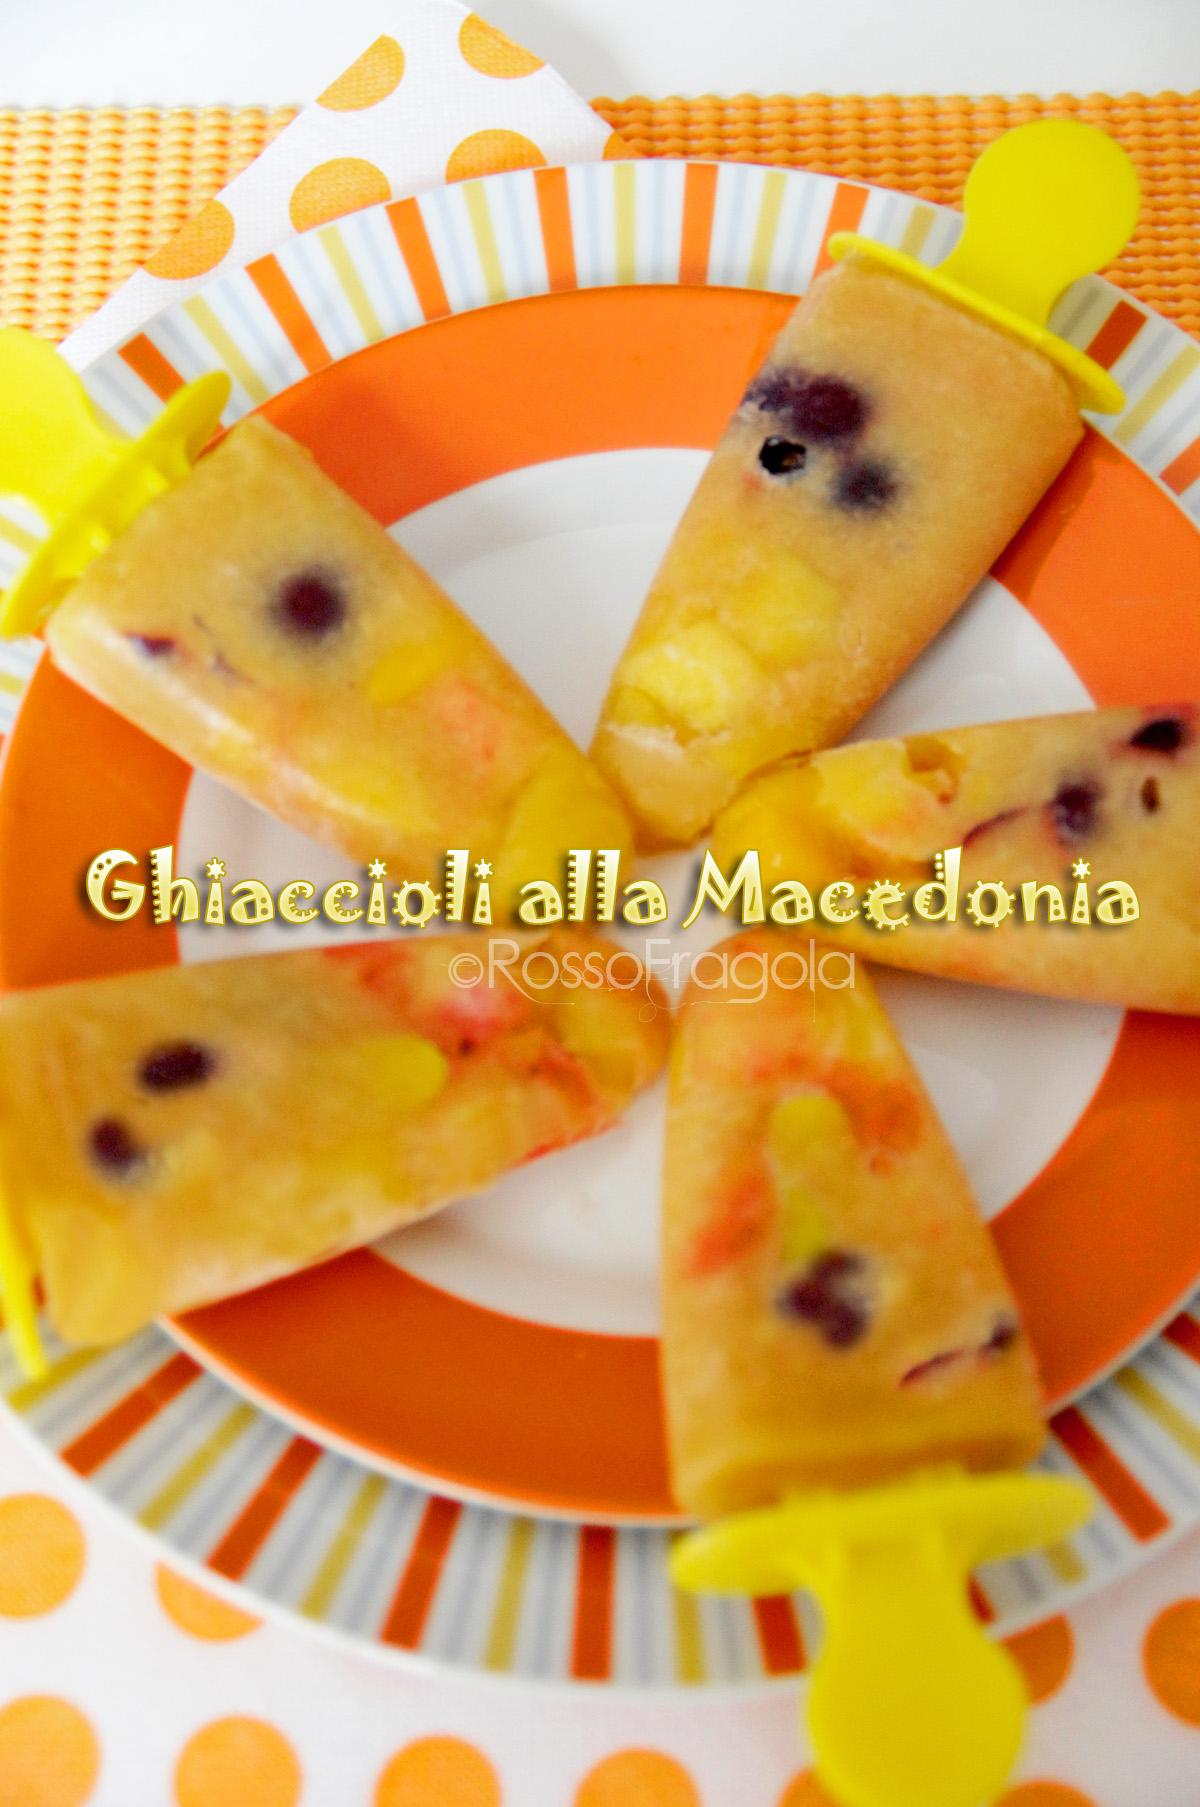 ghiaccioli alla macedonia